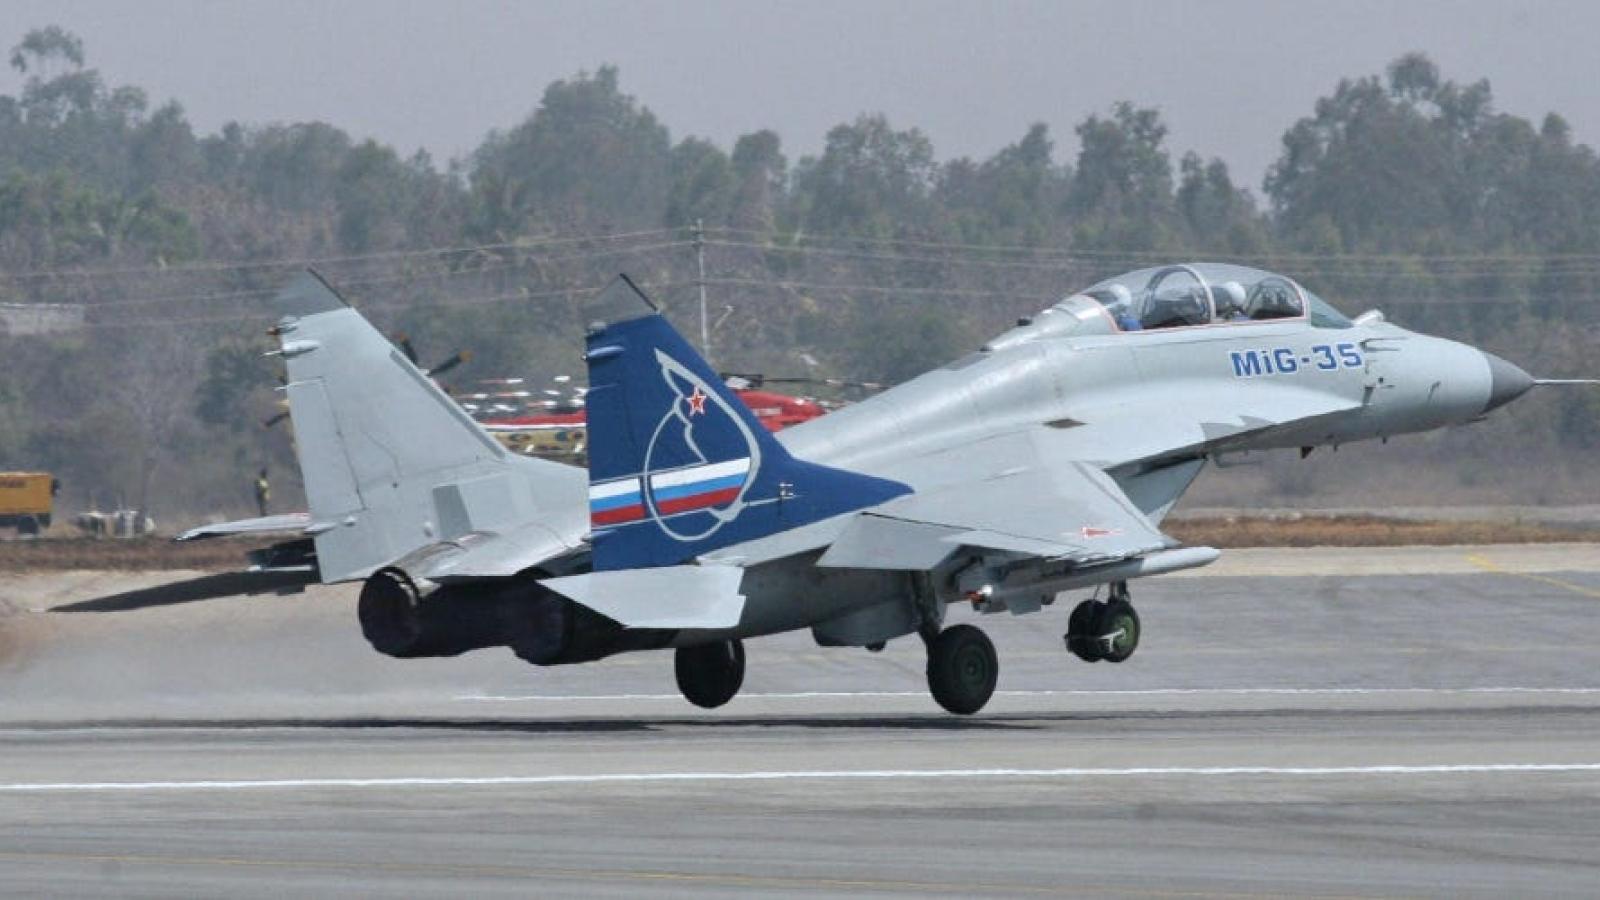 Tiêm kích tối tân MiG-35 của Nga đã sẵn sàng xuất kích